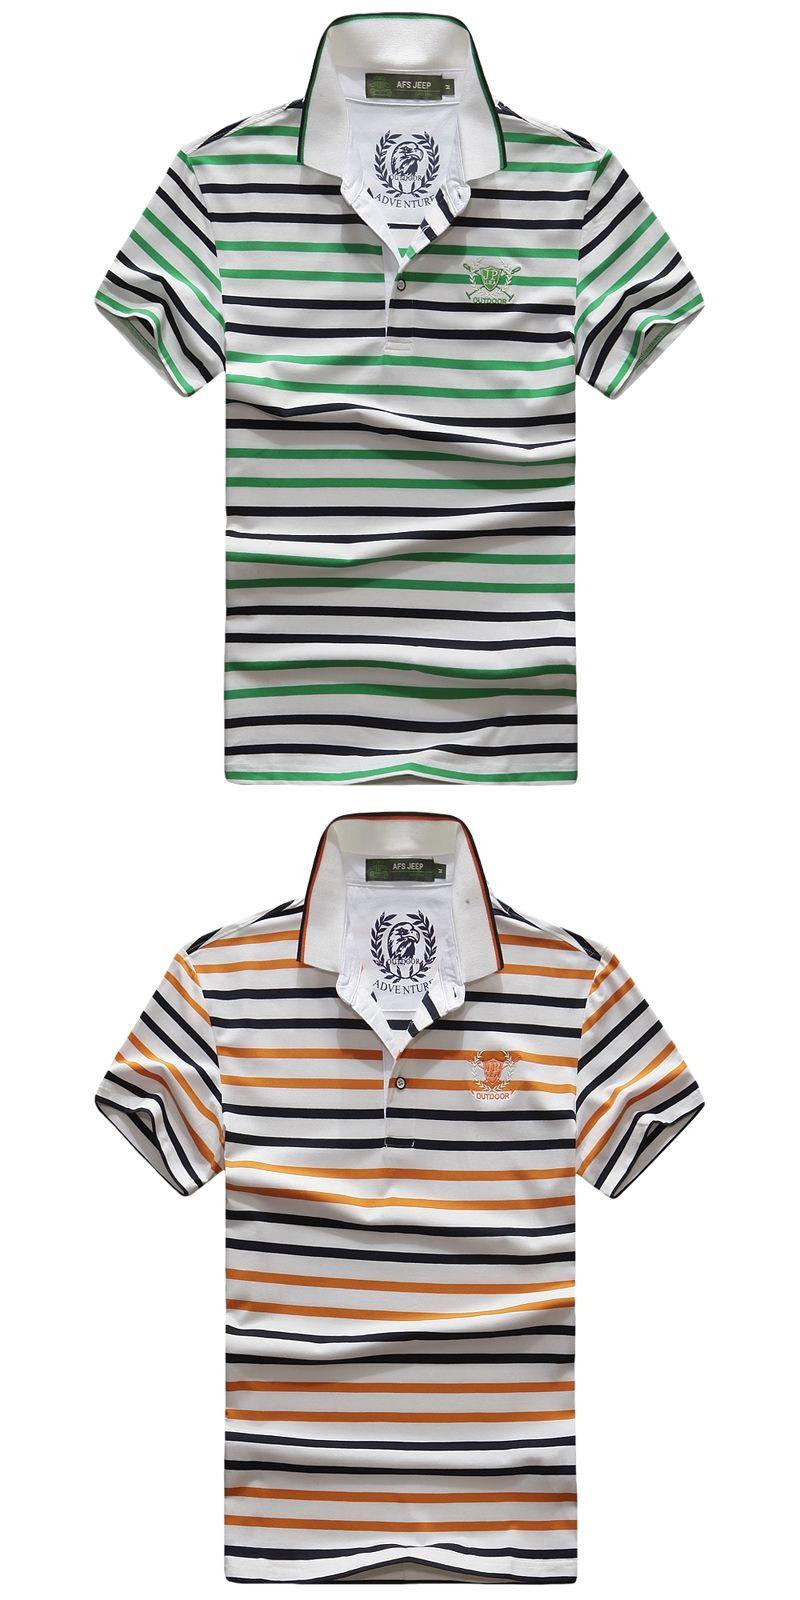 Jeep Polo Shirts